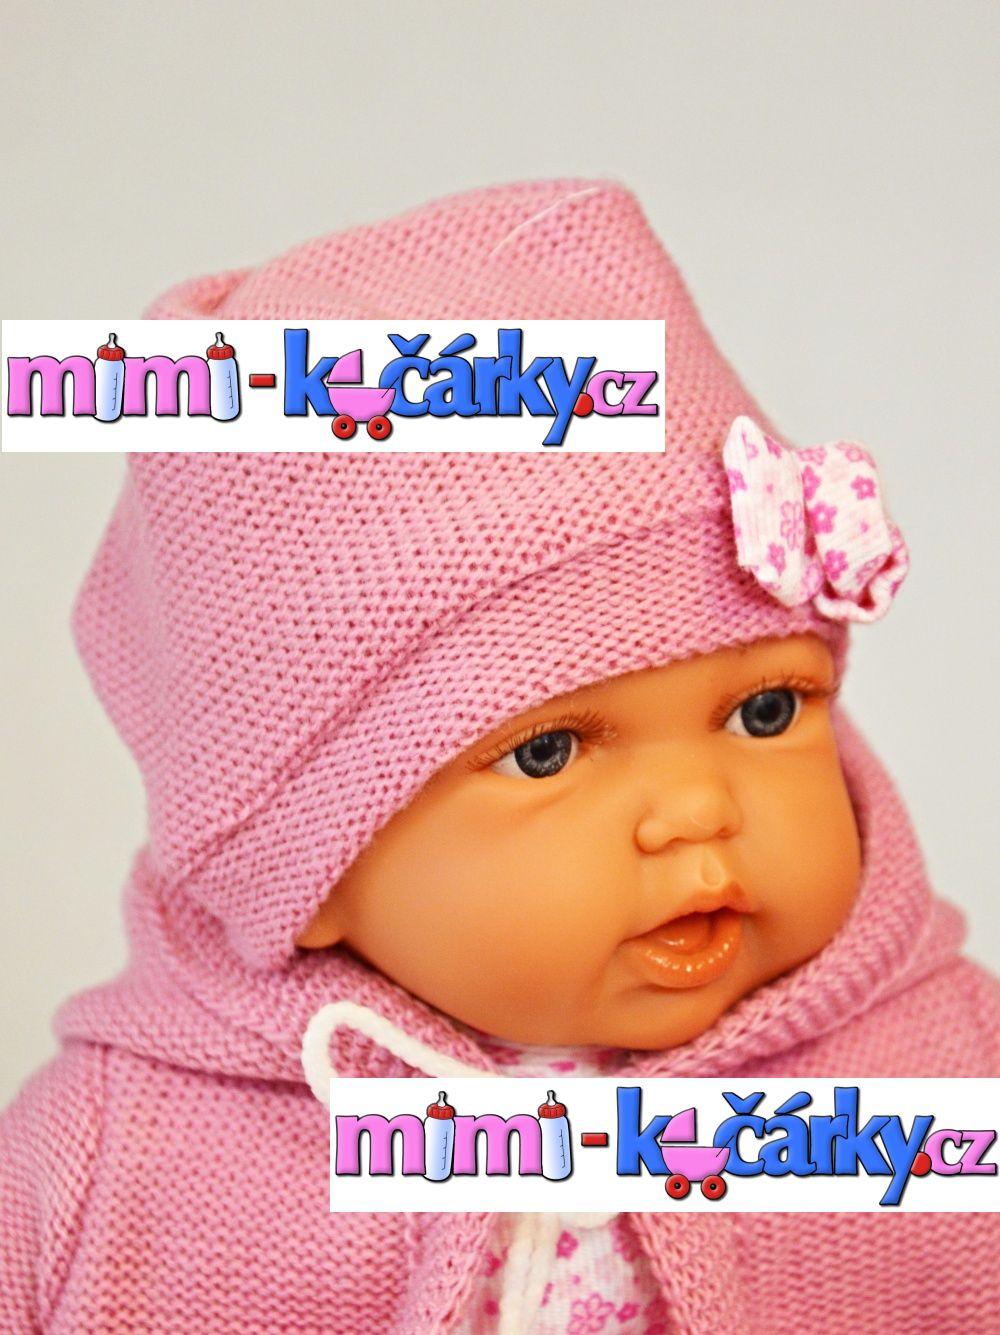 Mluvící realistická panenka Antonio Juan Petty 27 cm holčička ve fialovém svetříku